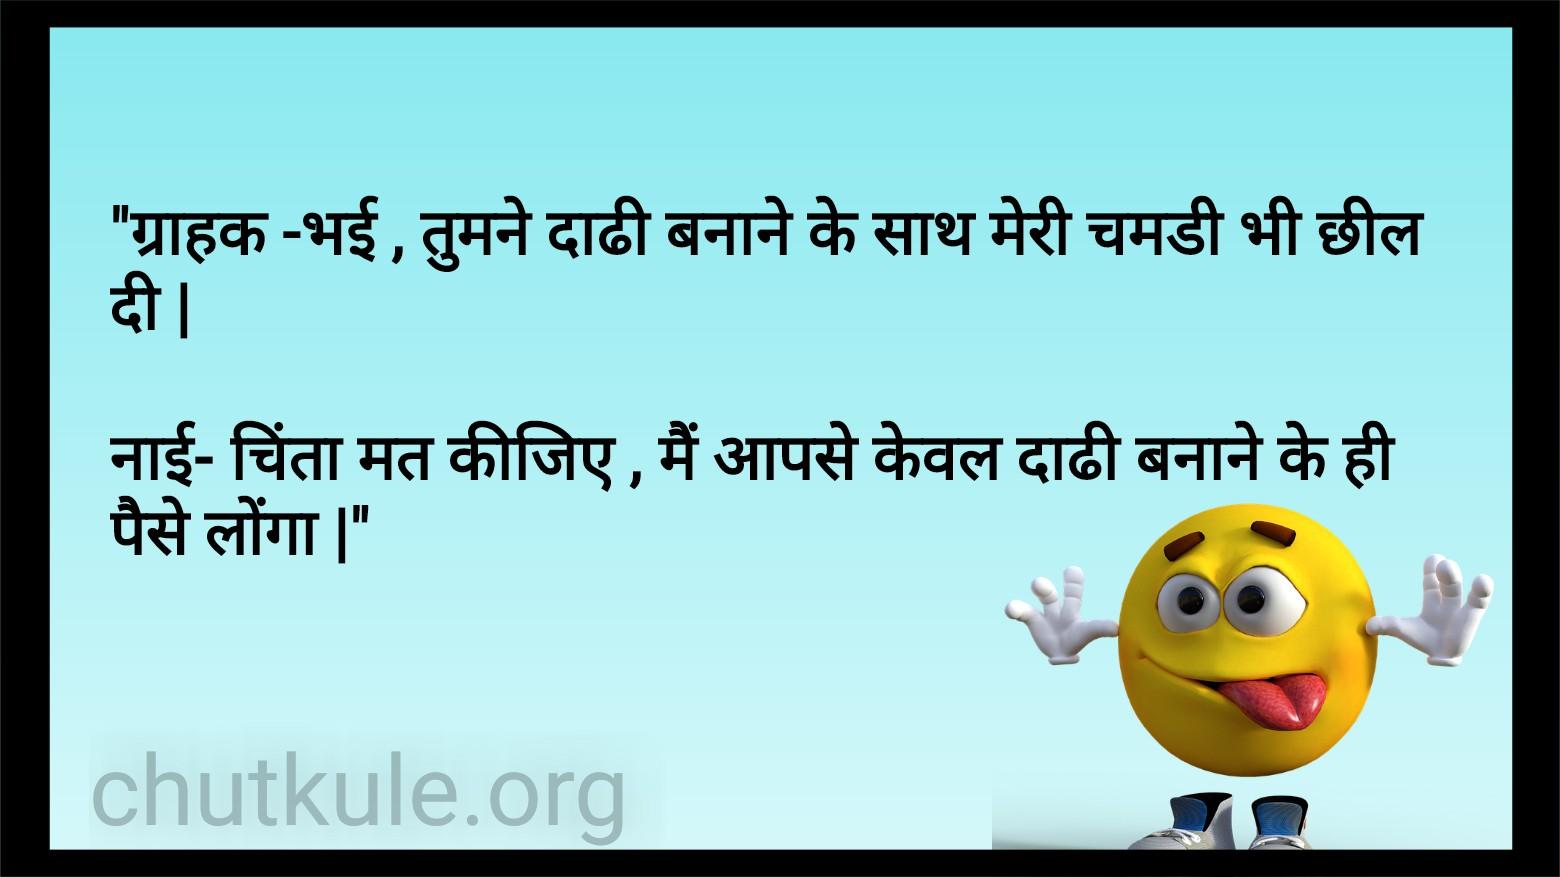 Chutkule Hindi me